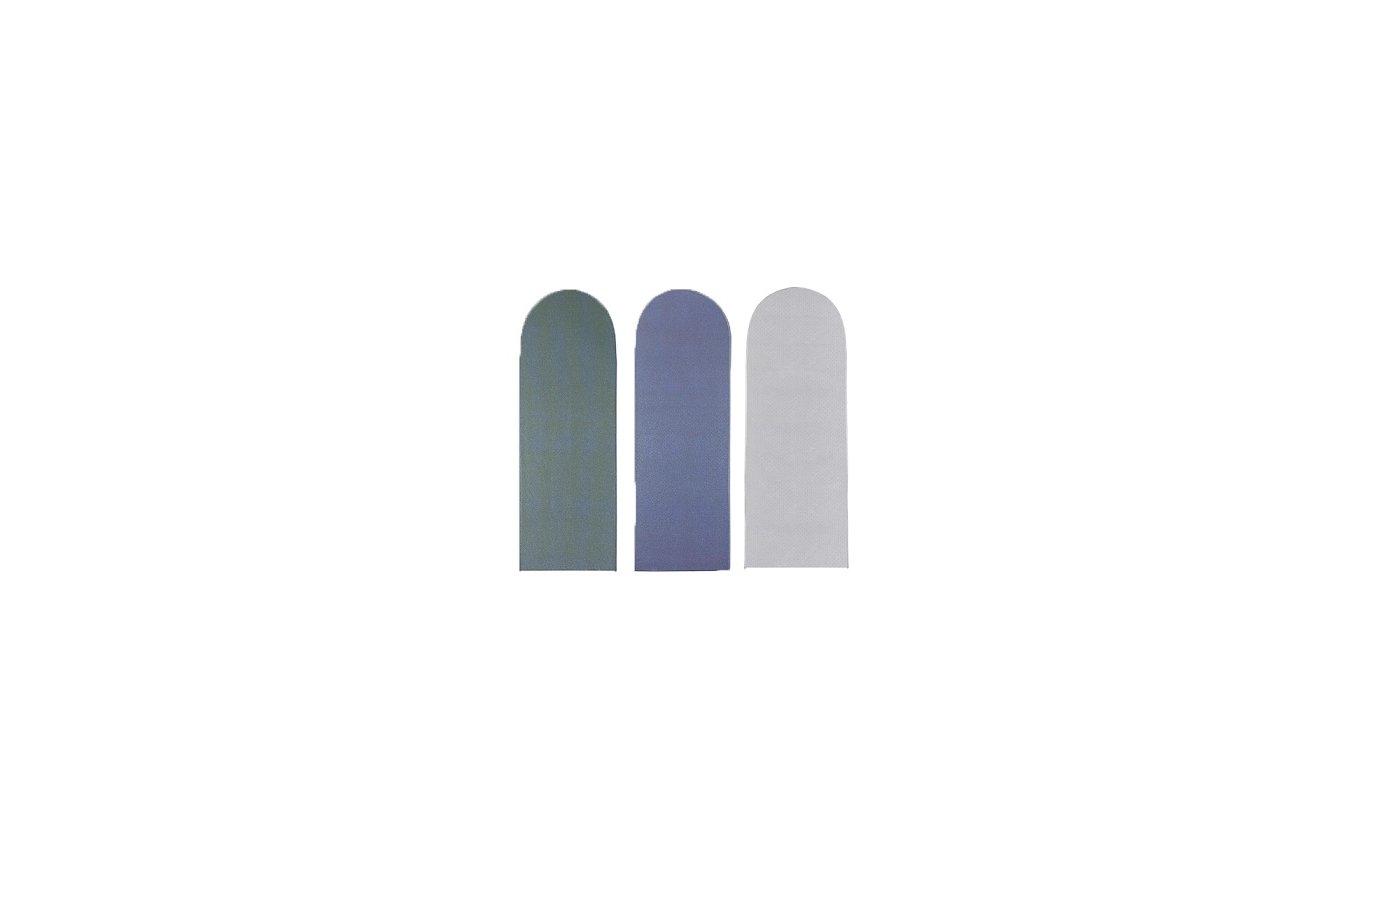 Чехлы и принадлежности для глажки PRISMA Чехол 130x54 см